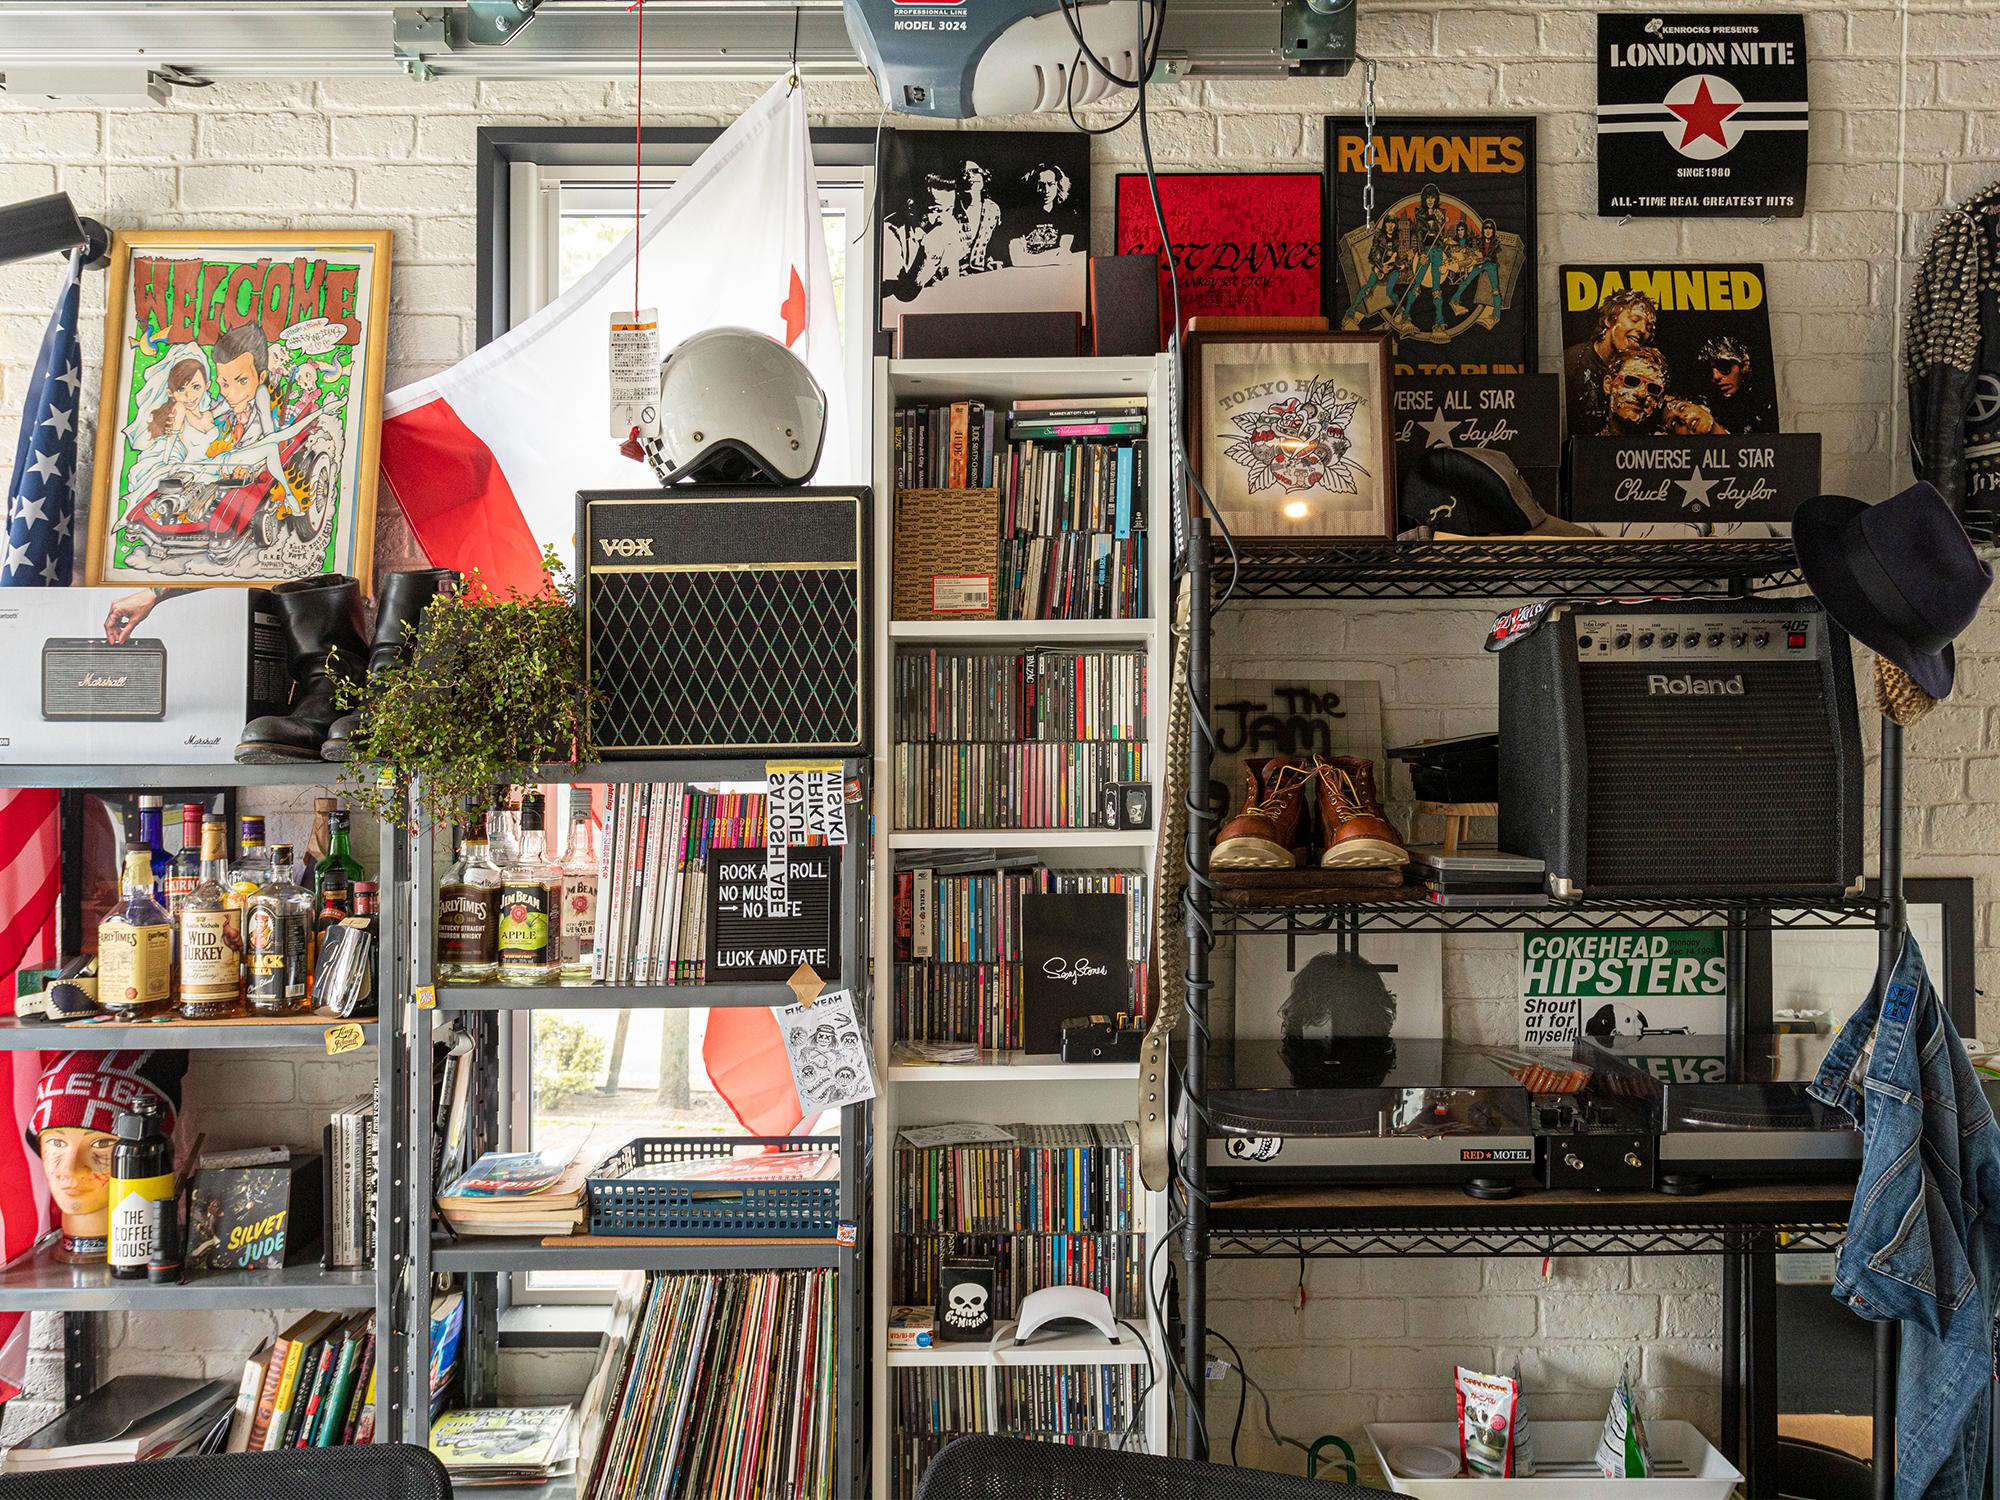 レコードなどの音楽アイテムがたくさん。